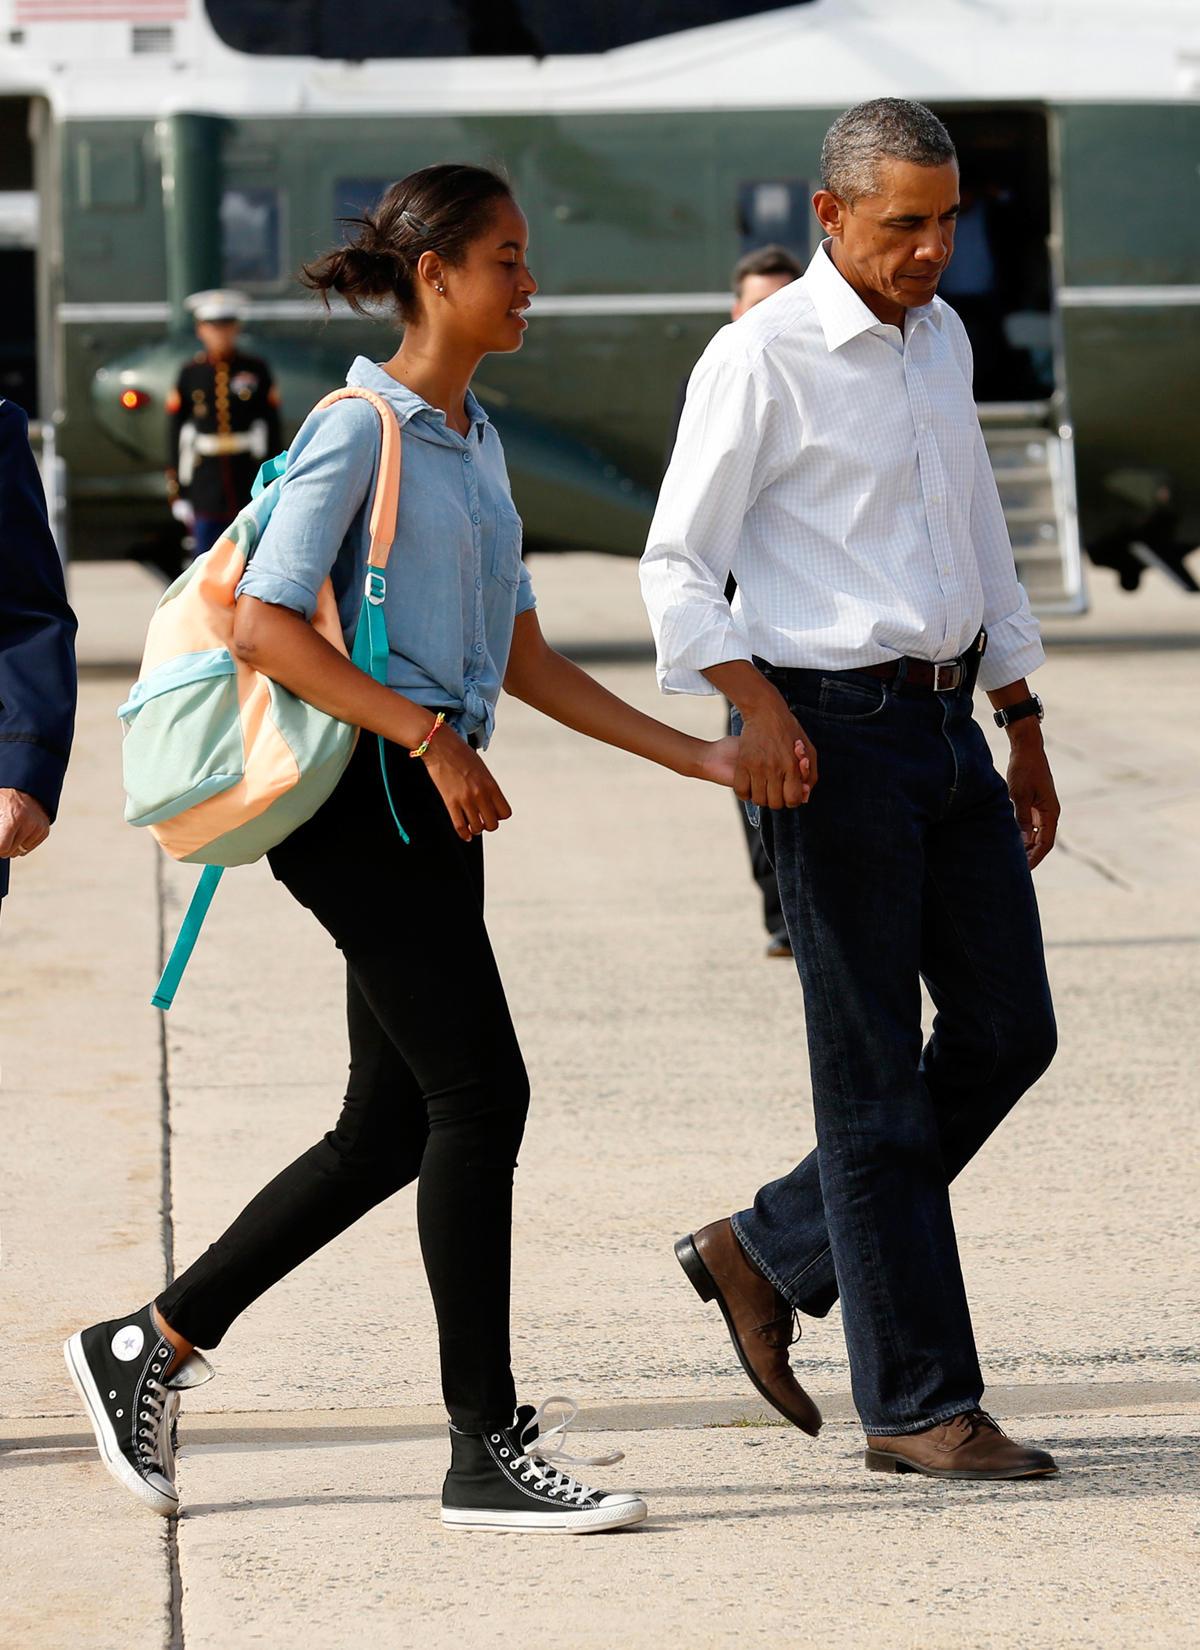 Auch lässig sehr schick: Malia in Bluse und Skinny Jeans mit ihrem Dad Barack Obama in den Sommerferien.